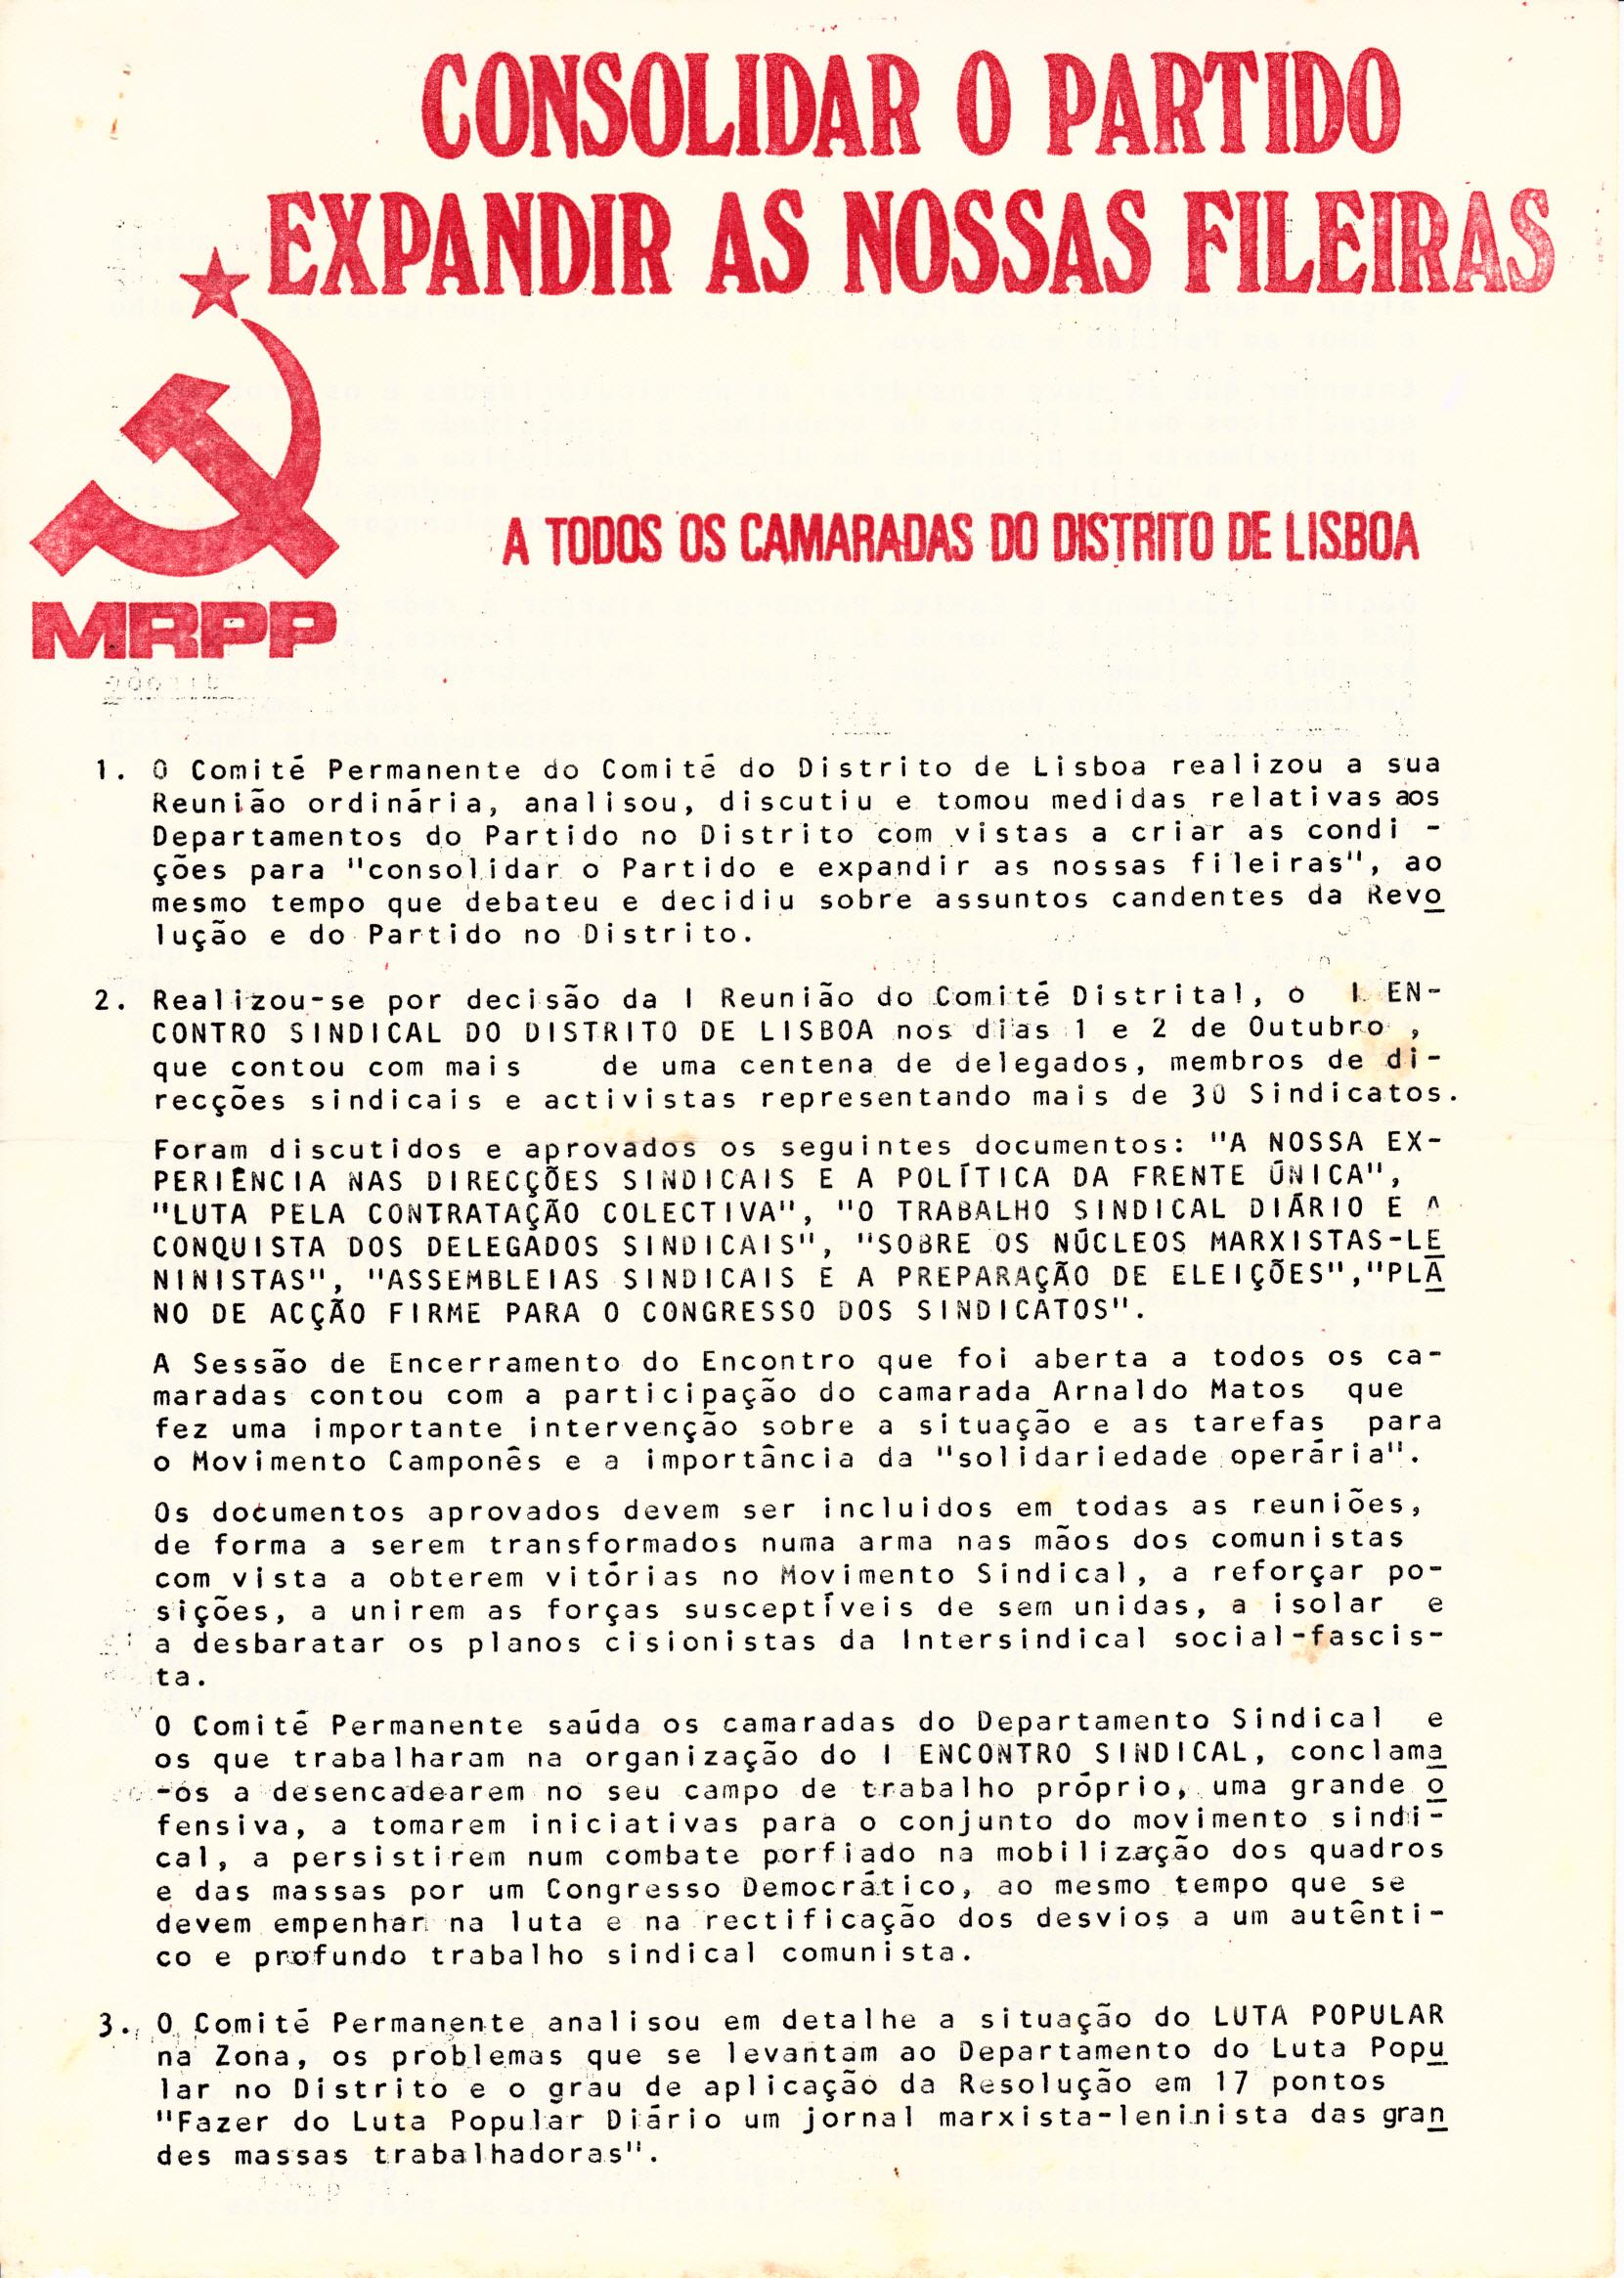 MRPP_1976_10_00